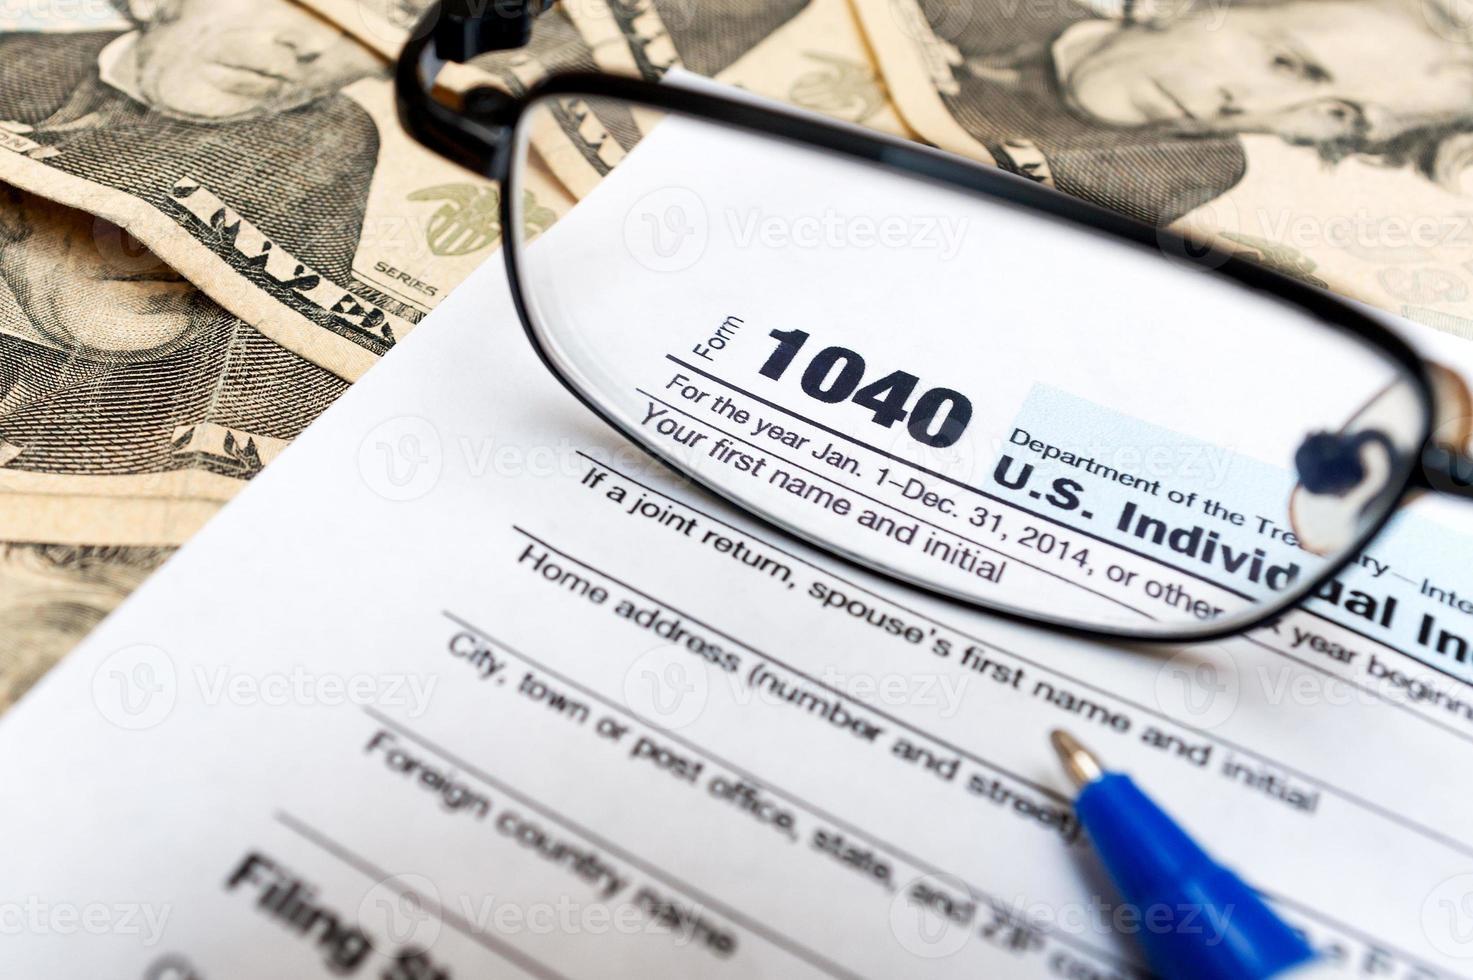 Modulo di dichiarazione dei redditi individuale 1040 attraverso occhiali e contanti foto